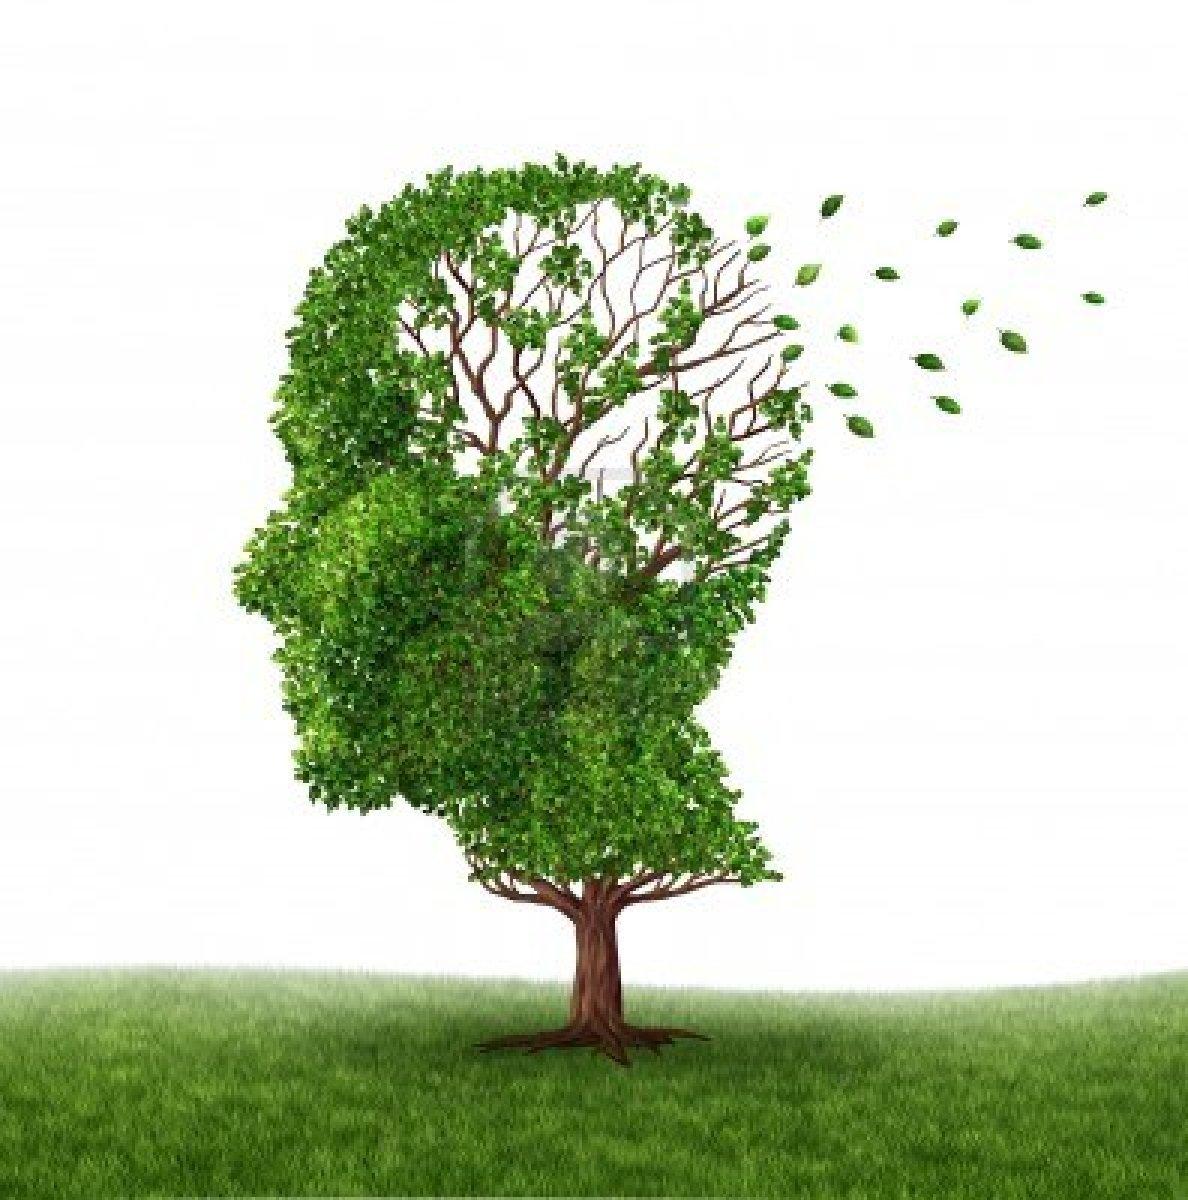 Σεμινάρια για φροντιστές ατόμων με νόσο Αλτσχάιμερ από 2 Νοεμβρίου   tovima.gr